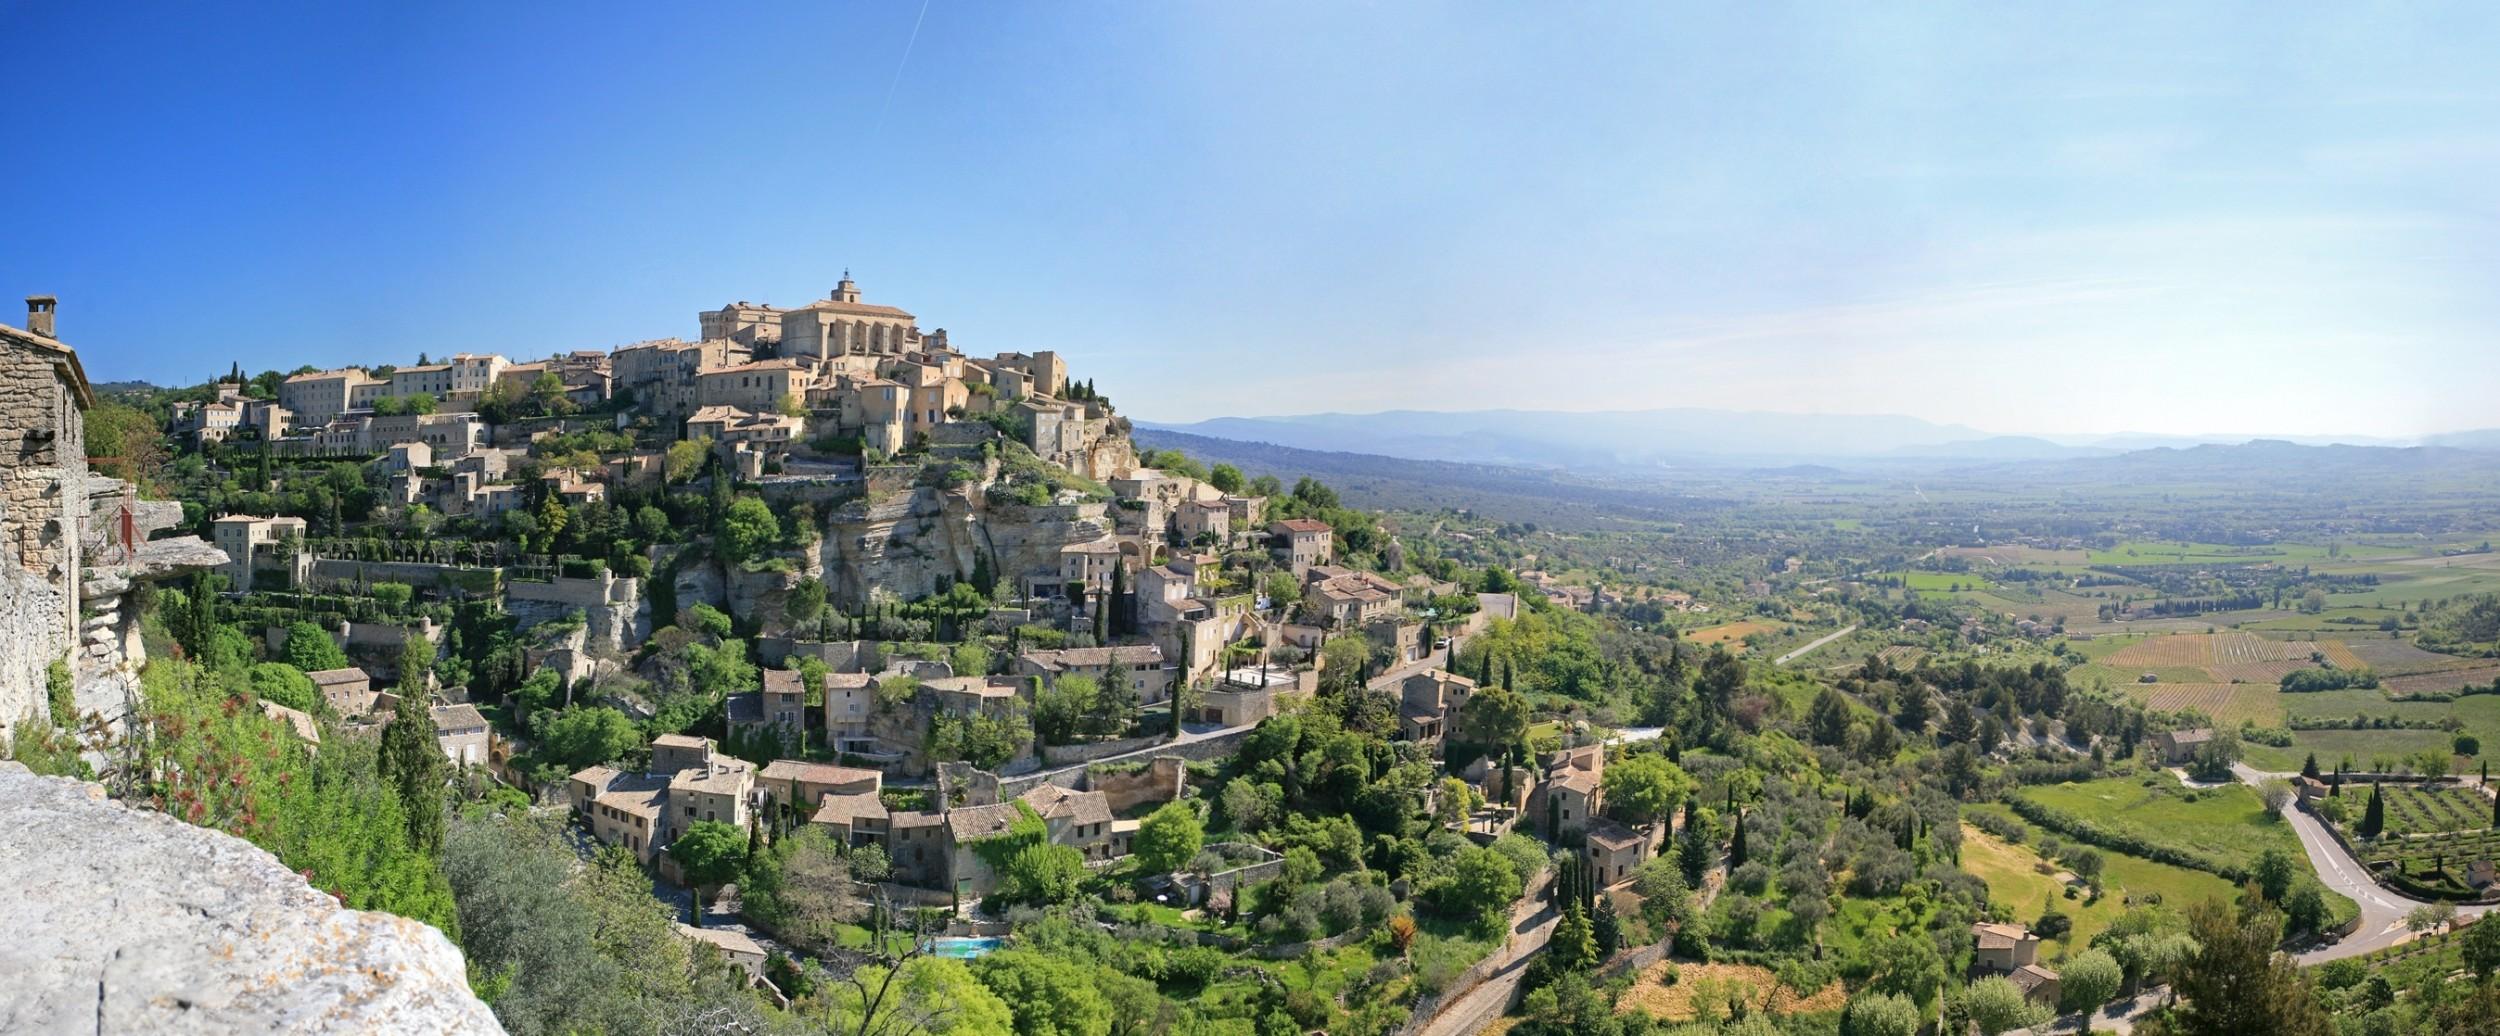 Gordes by ROSIER - Agence immobilière de luxe et prestige - Luberon - Provence